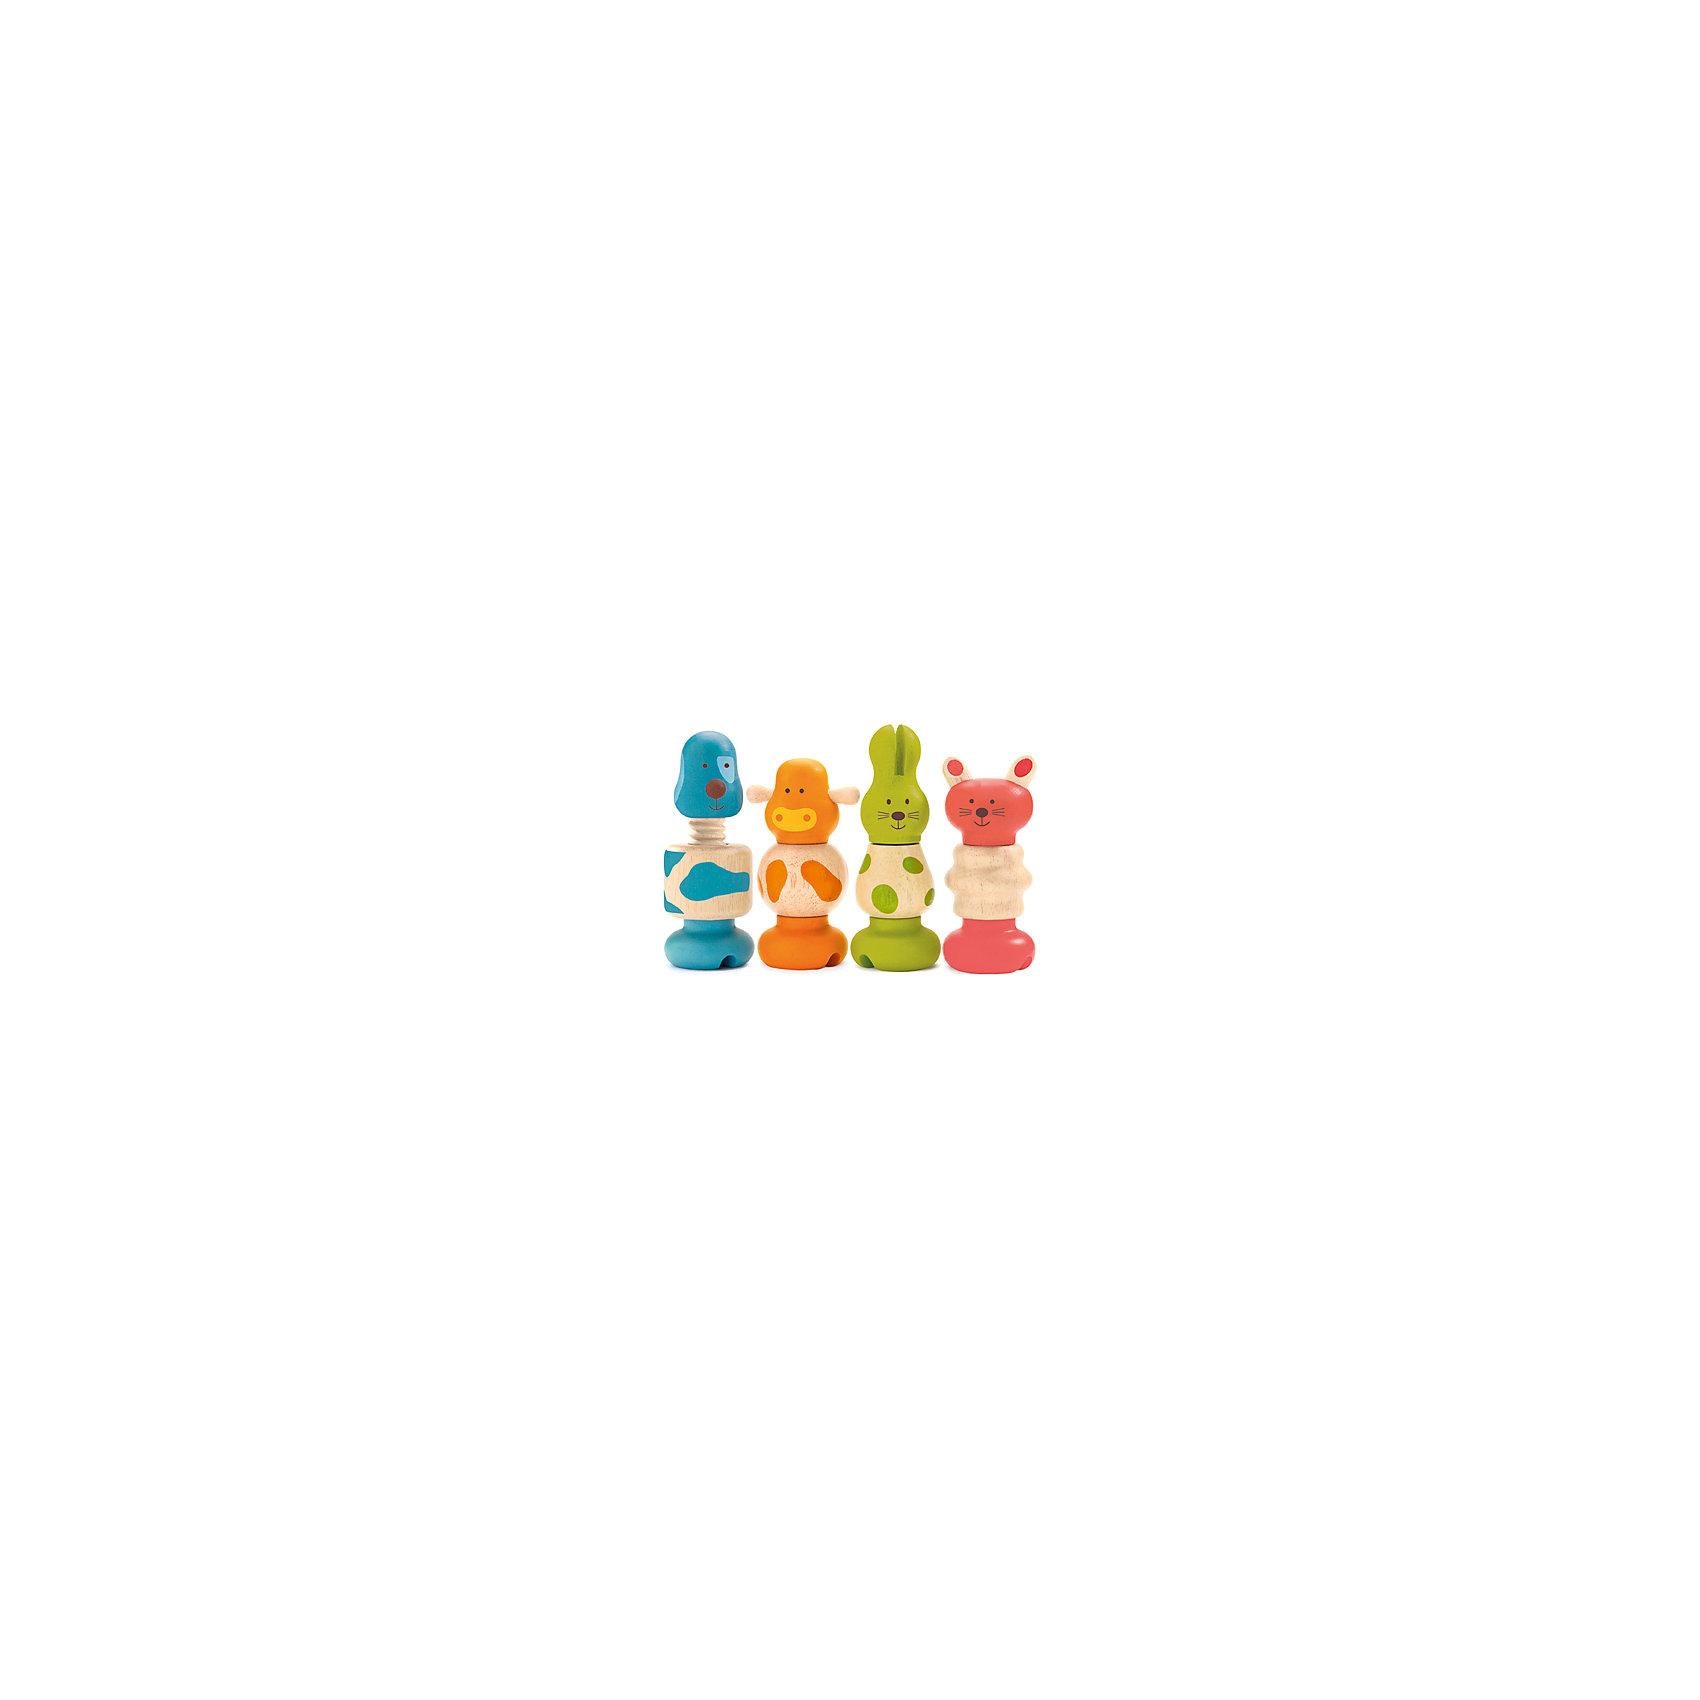 Набор игрушек Животные, DJECOРазвивающие игрушки<br>Набор игрушек Животные, Djeco (Джеко) - это чудесный яркий конструктор для самых маленьких. В комплекте Вы найдете крупные разноцветные детали, из которых можно собрать четыре деревянные фигурки в виде собачки, коровки, кошечки и зайца. Все детали можно менять местами и комбинировать, что поможет малышу развить логику, мелкую моторику и познавательную активность, научиться различать фигуры, форму и цвет. Детали в форме болтов и гаек выполнены из высококачественных и экологически чистых материалов и очень приятны на ощупь.<br><br>Дополнительная информация:<br><br>- В комплекте: 12 деталей для сборки 4 фигурок животных (собачка, коровка, кошечка, заяц).<br>- Материал: дерево.<br>- Размер упаковки: 22 х 12,5 х 6 см.<br>- Вес: 0,22 кг.<br><br>Набор игрушек Животные, Djeco (Джеко), можно купить в нашем магазине.<br><br>Ширина мм: 130<br>Глубина мм: 220<br>Высота мм: 60<br>Вес г: 390<br>Возраст от месяцев: 180<br>Возраст до месяцев: 540<br>Пол: Унисекс<br>Возраст: Детский<br>SKU: 4566295